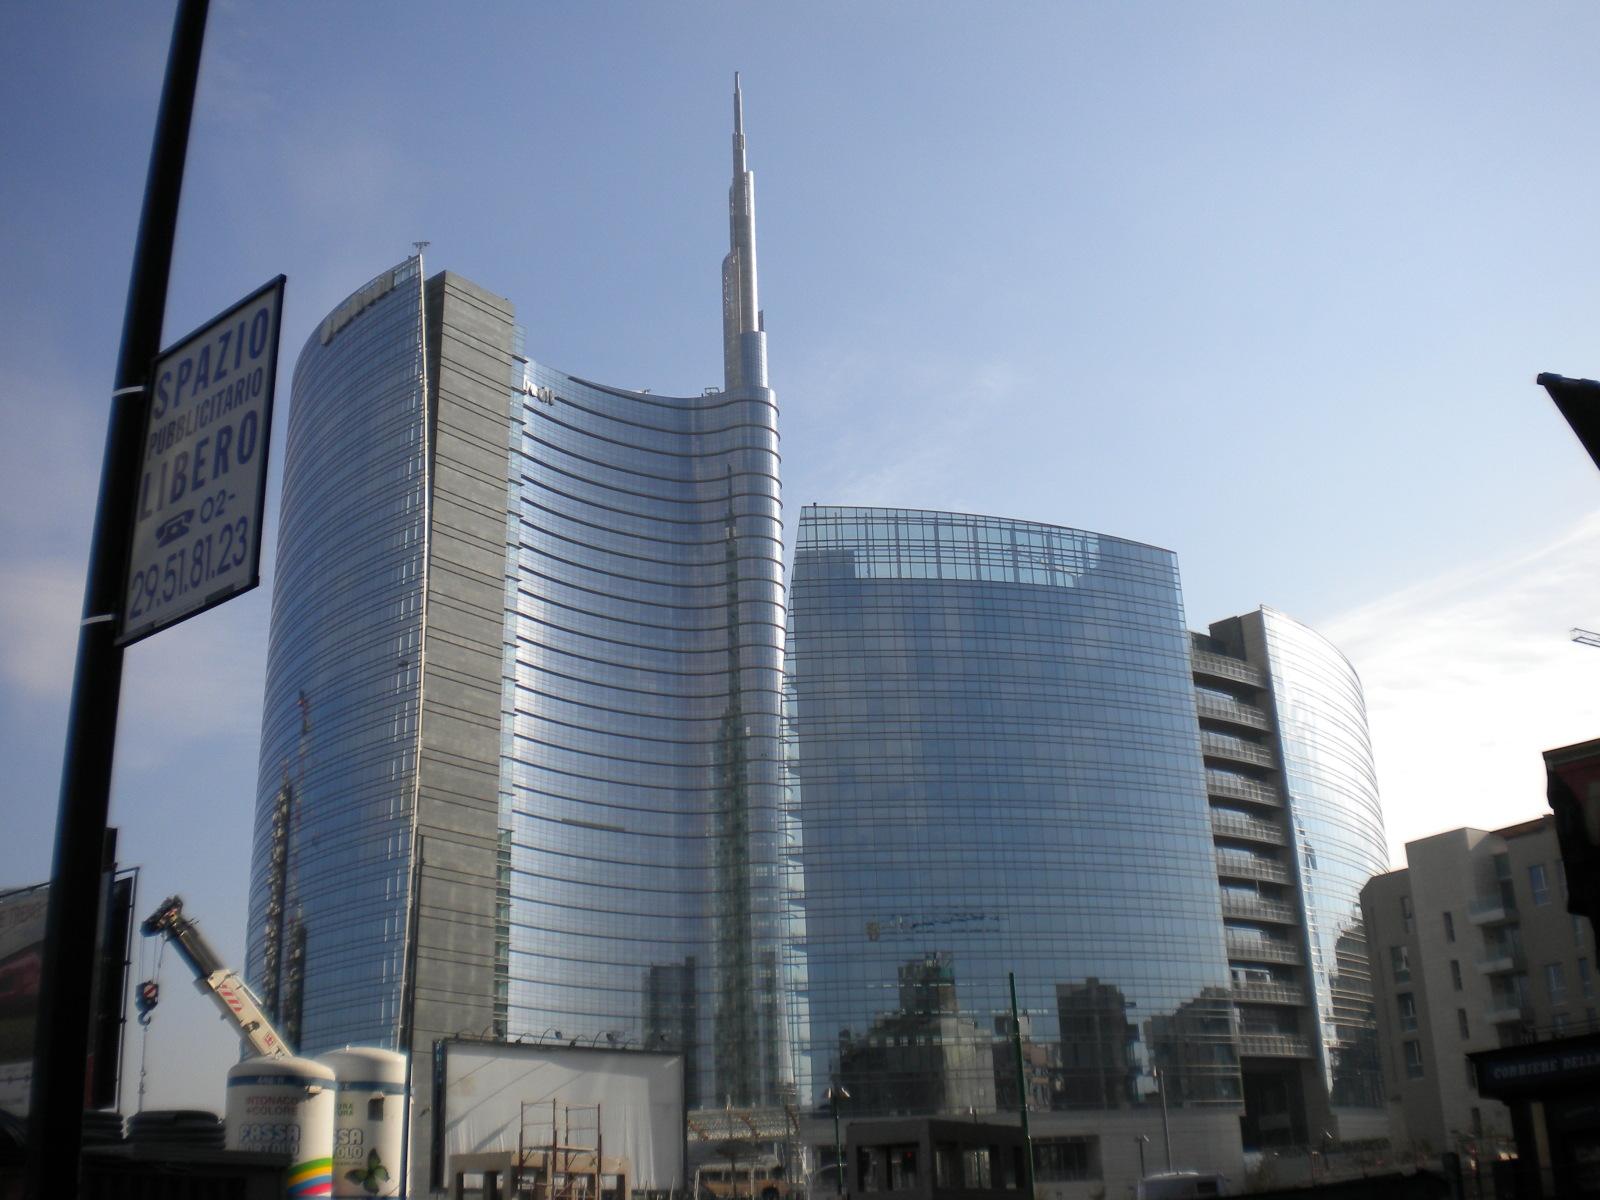 Porta nuova milano per rilanciare l economia in italia - Via porta nuova milano ...